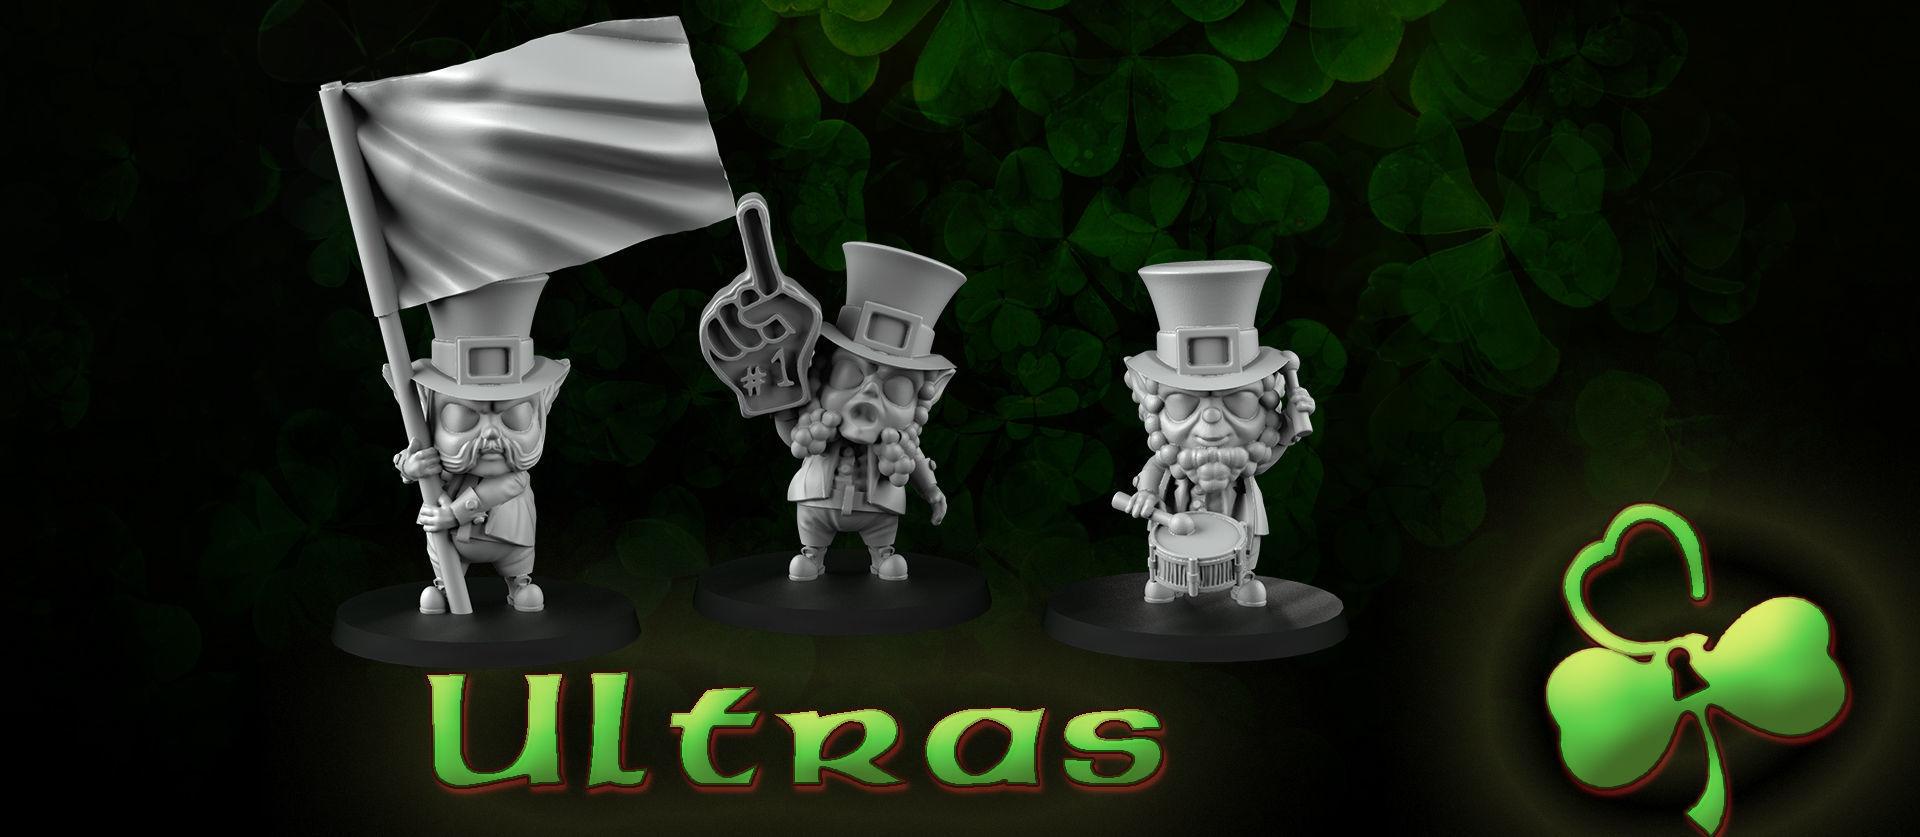 Ultras leprechauns